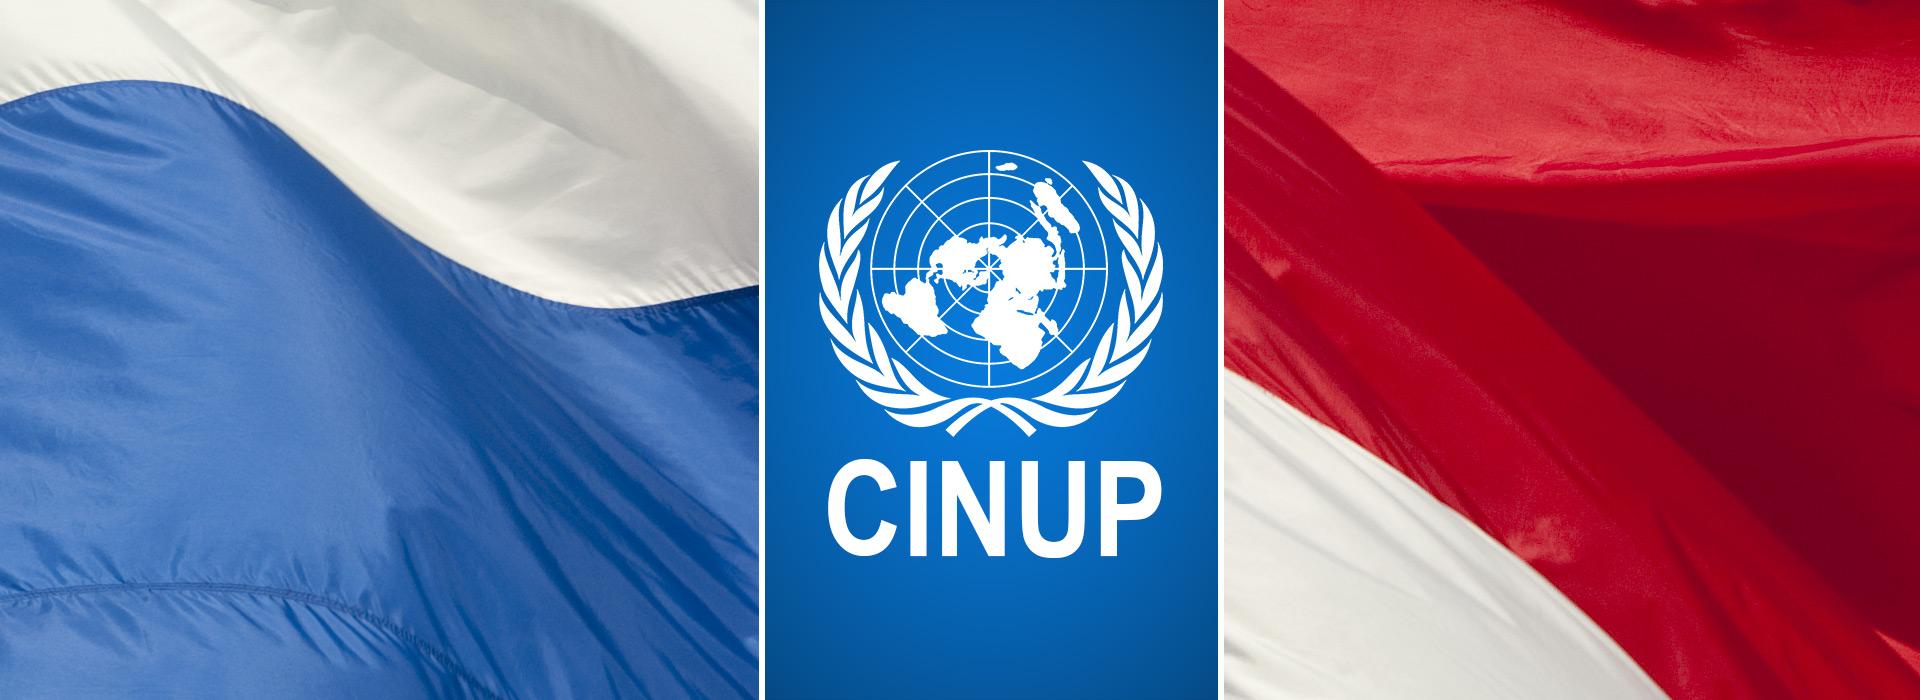 Banner-Cinup